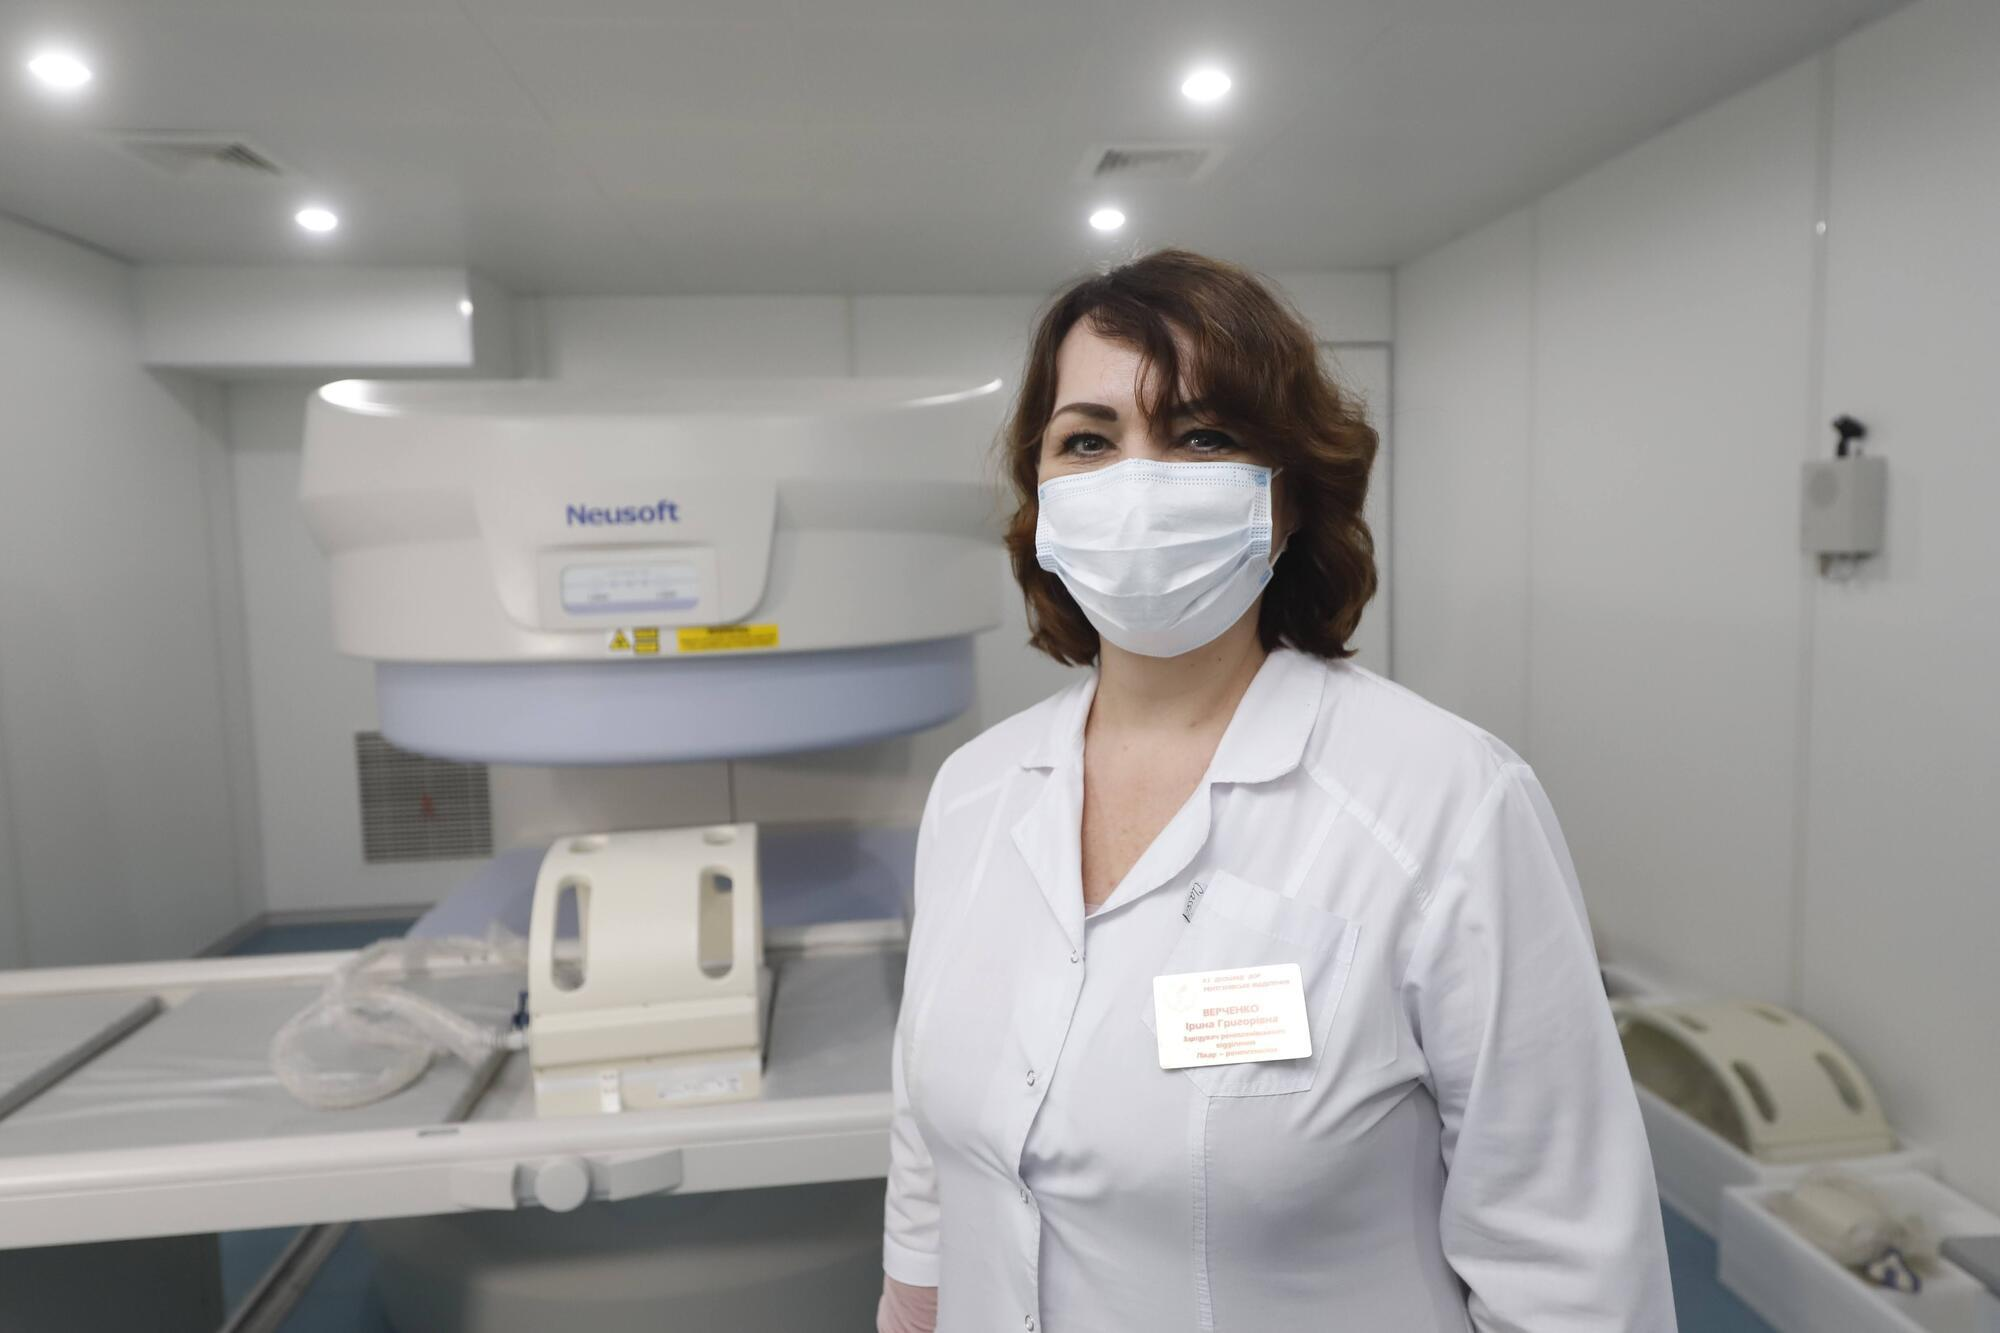 Ирина Верченко заметила, что современное оборудование позволит качественно проводить диагностику